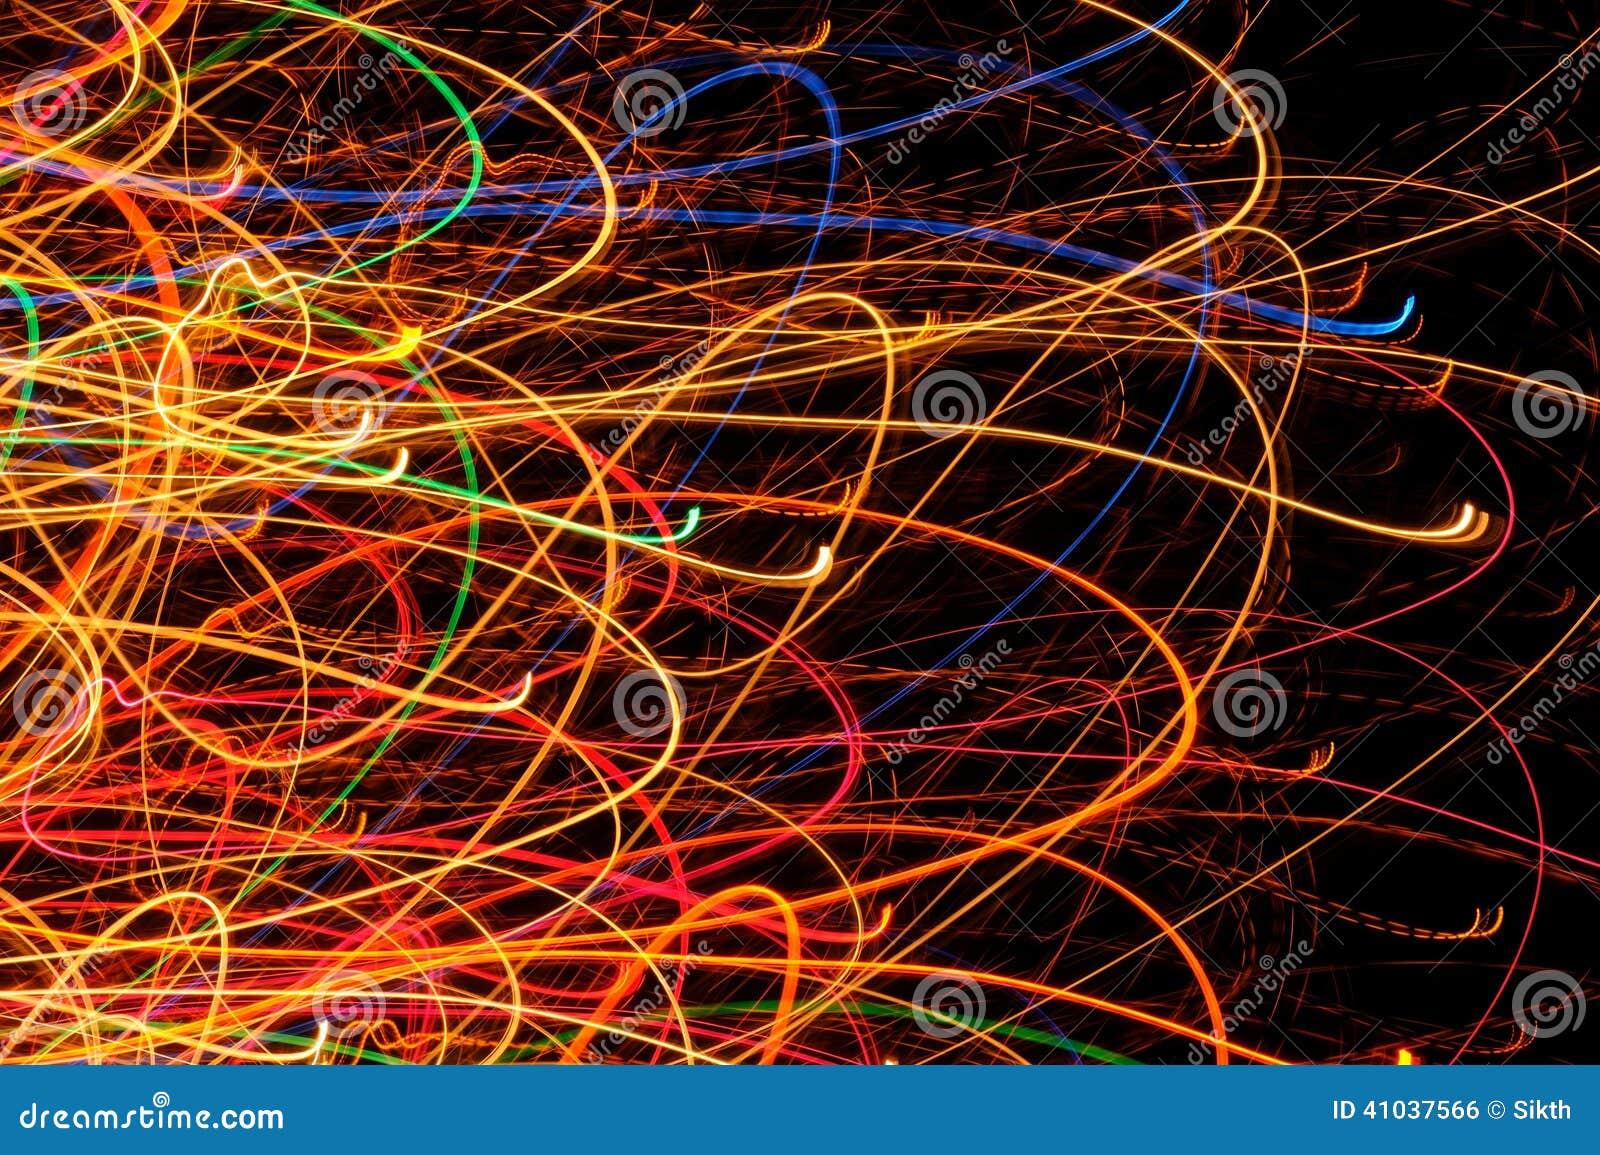 Αφηρημένες φωτεινές πολύχρωμες καμμένος γραμμές και καμπύλες στο μαύρο υπόβαθρο